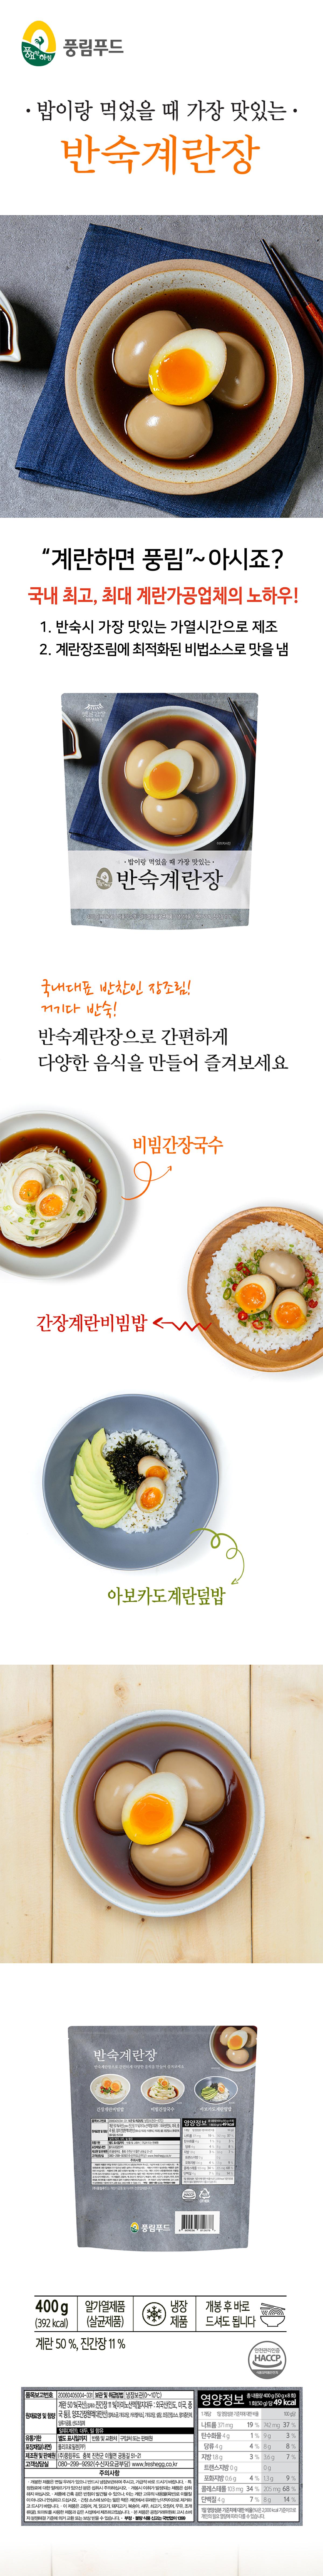 half_egg_detail.jpg